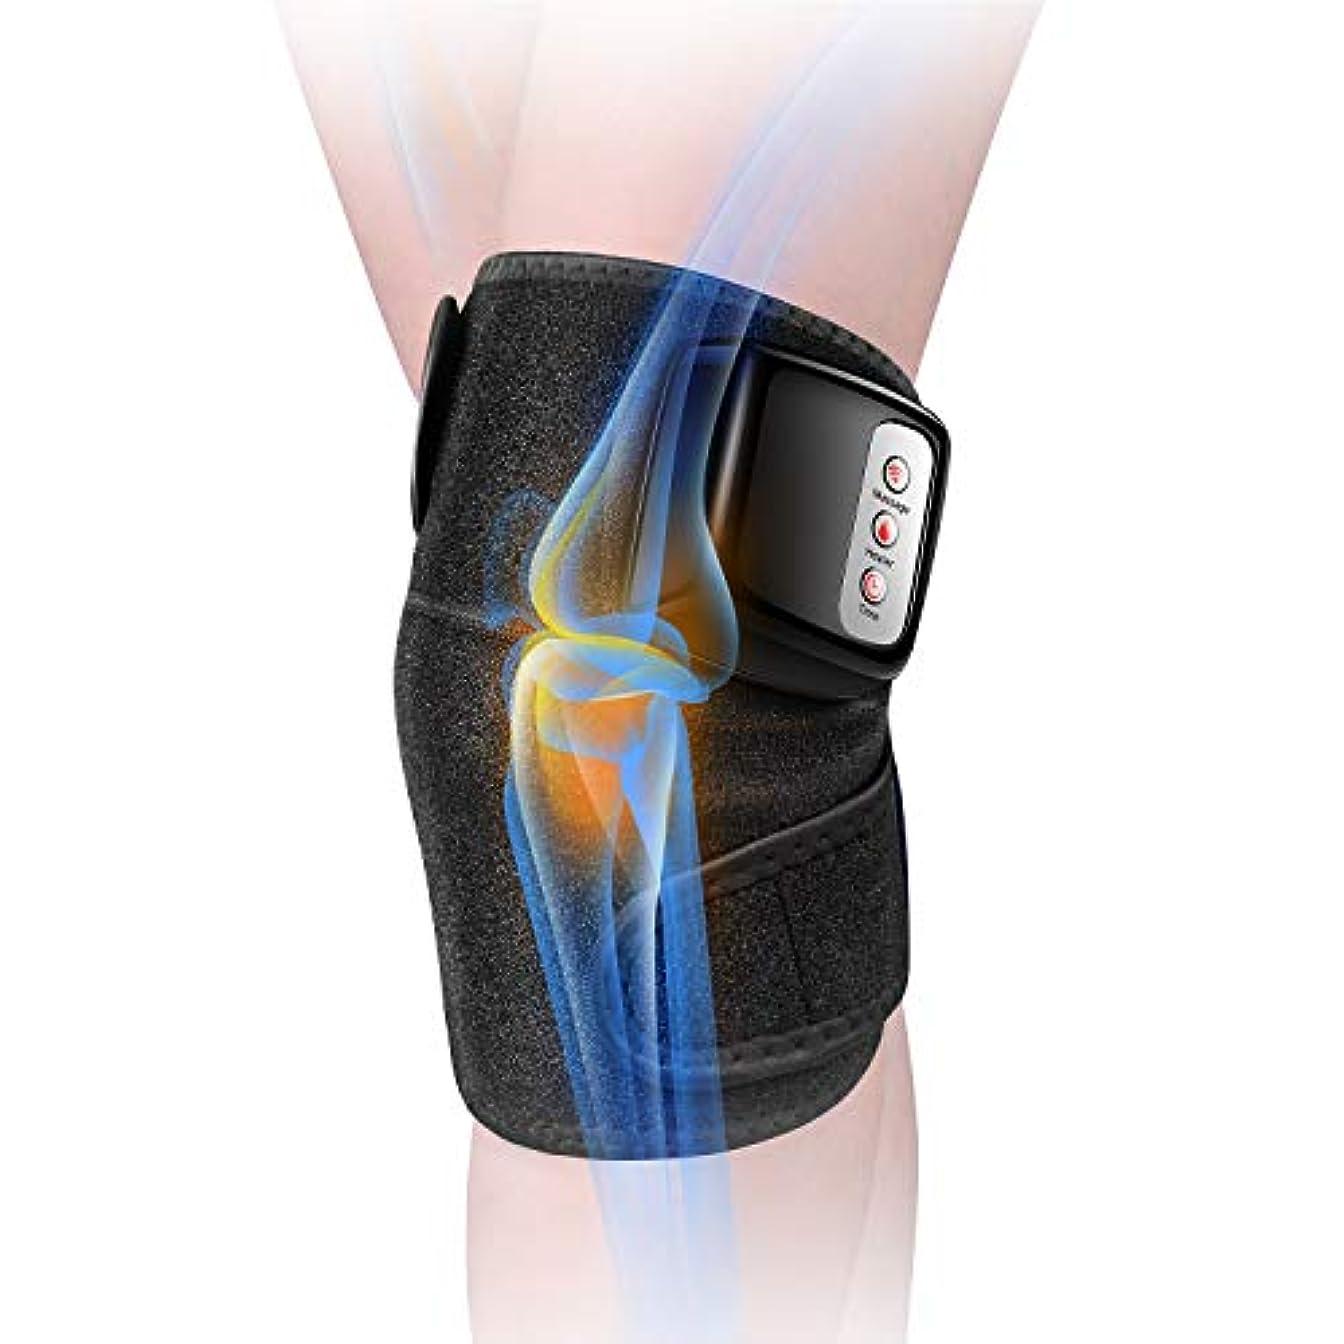 険しい健康引退する膝マッサージャー 関節マッサージャー マッサージ器 フットマッサージャー 振動 赤外線療法 温熱療法 膝サポーター ストレス解消 肩 太もも/腕対応